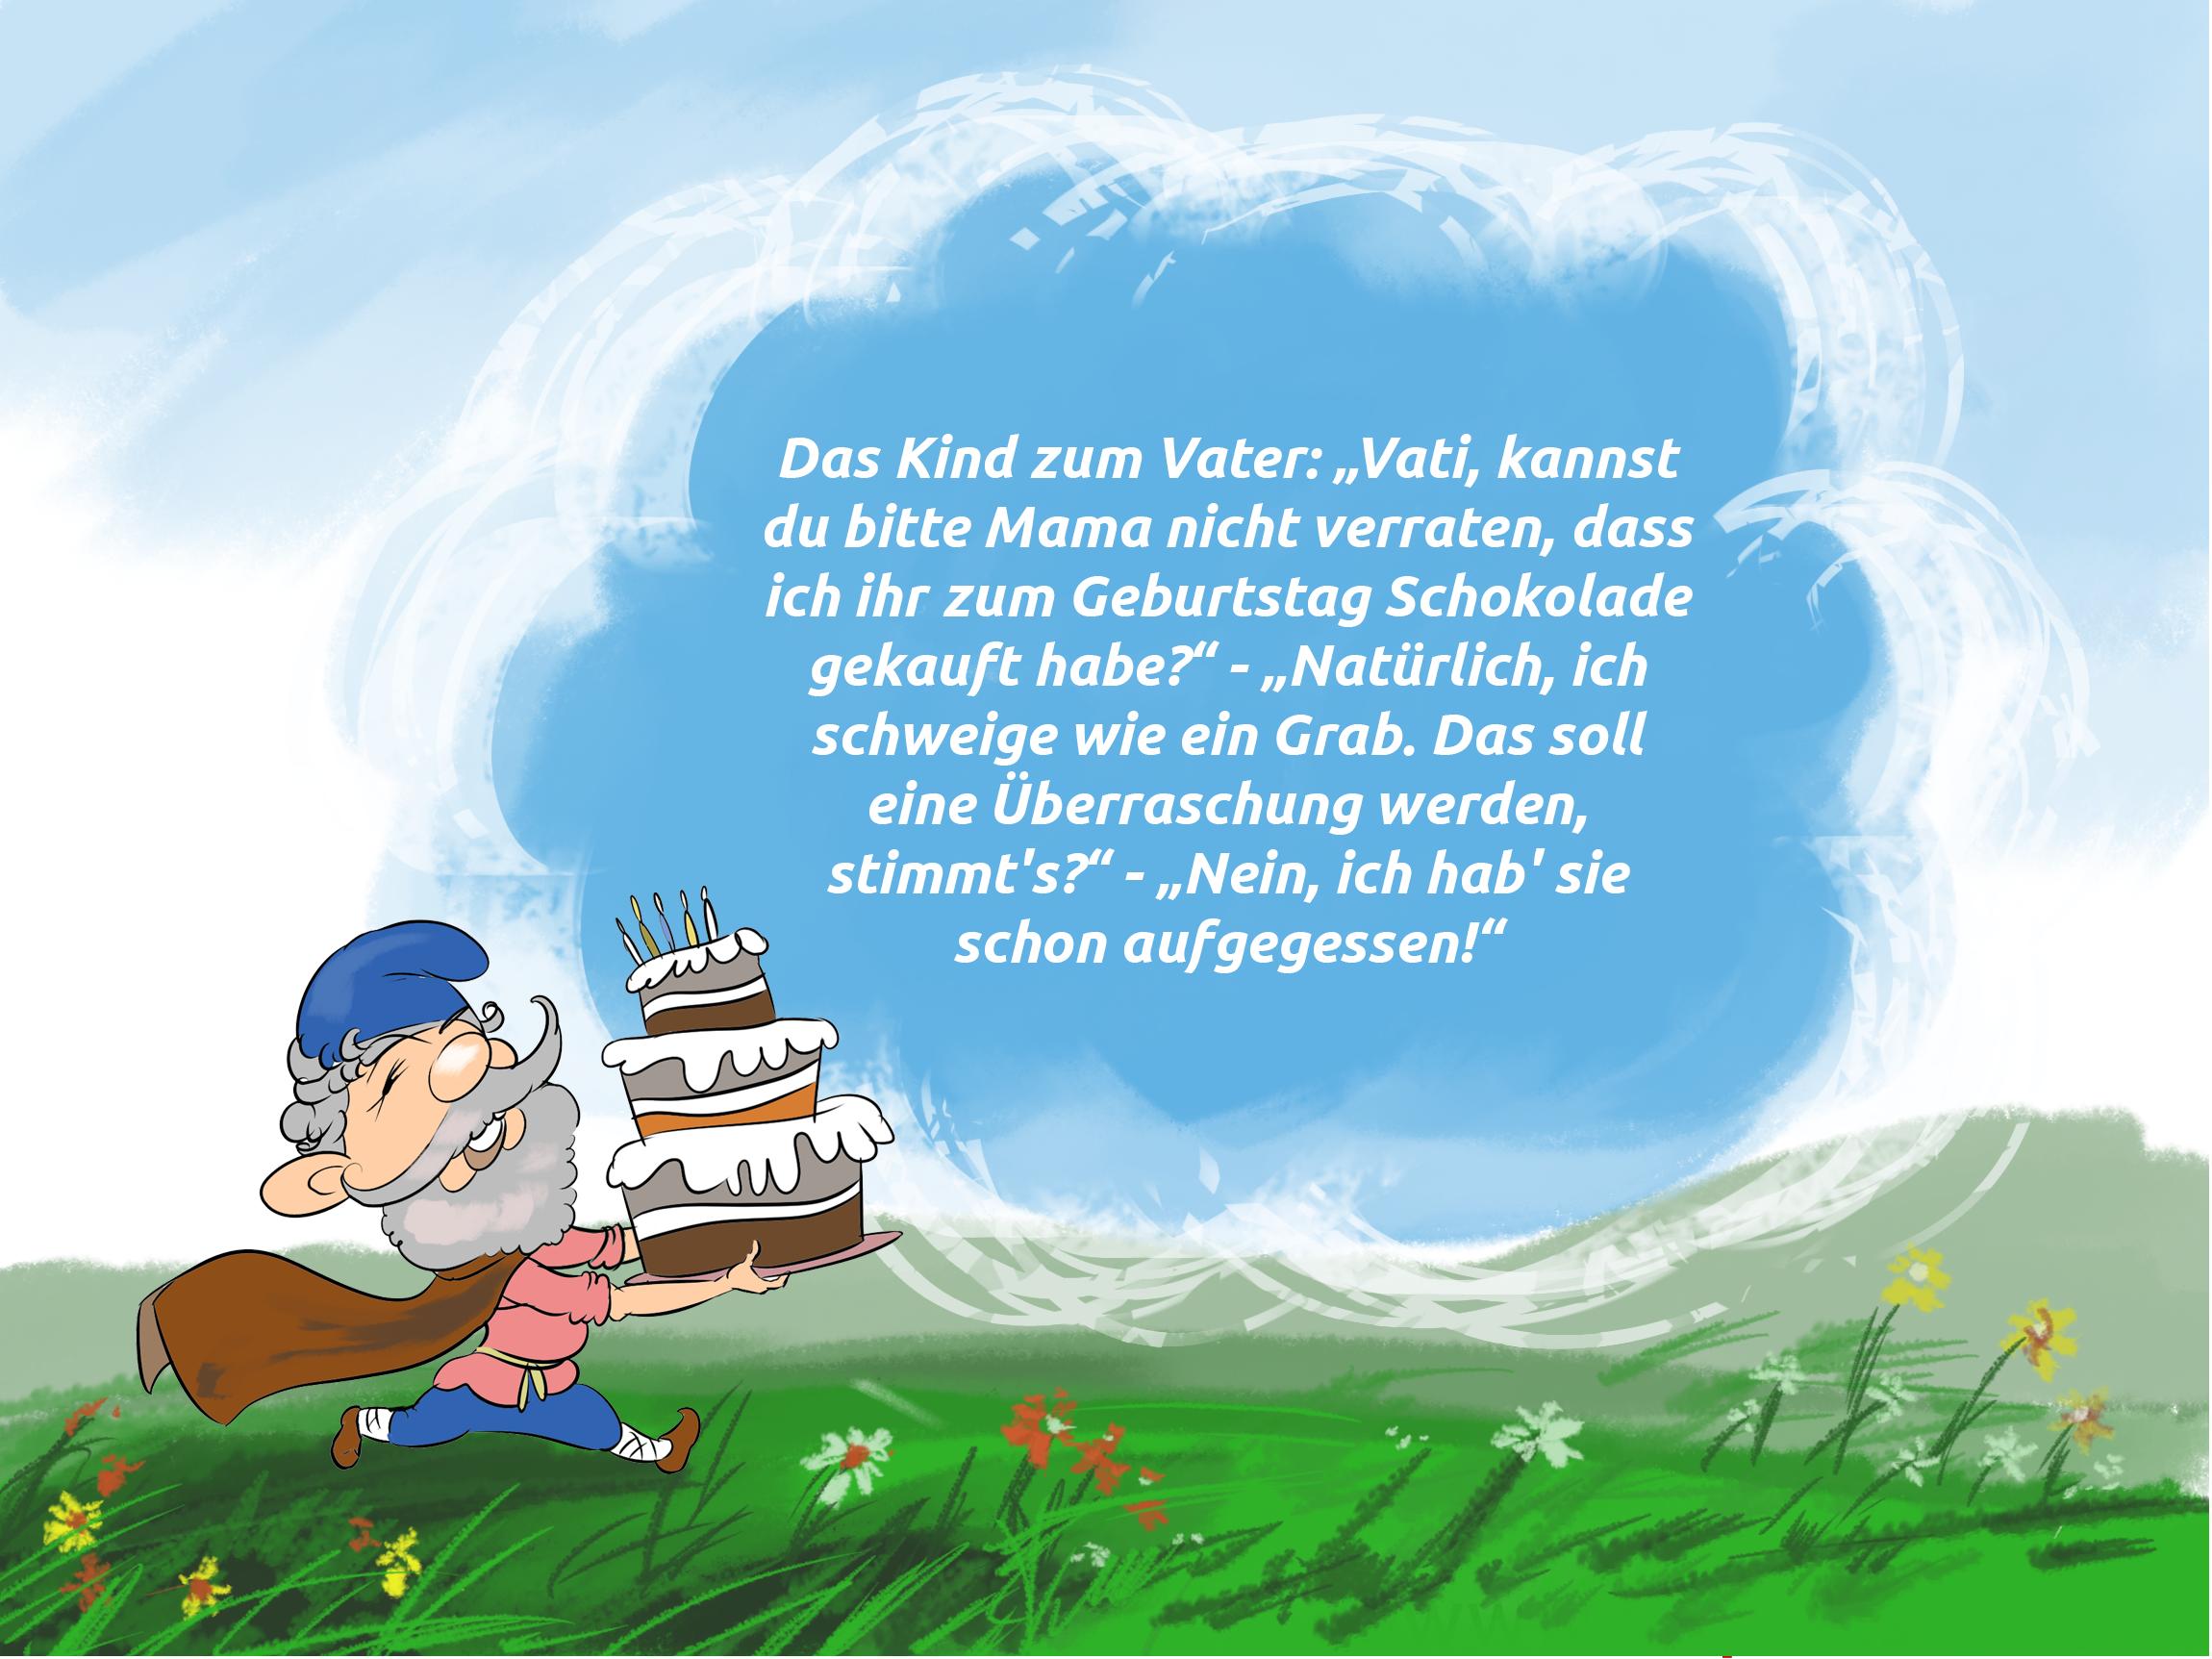 Lustige Bilder Sprüche Totlachen Zum Geburtstag